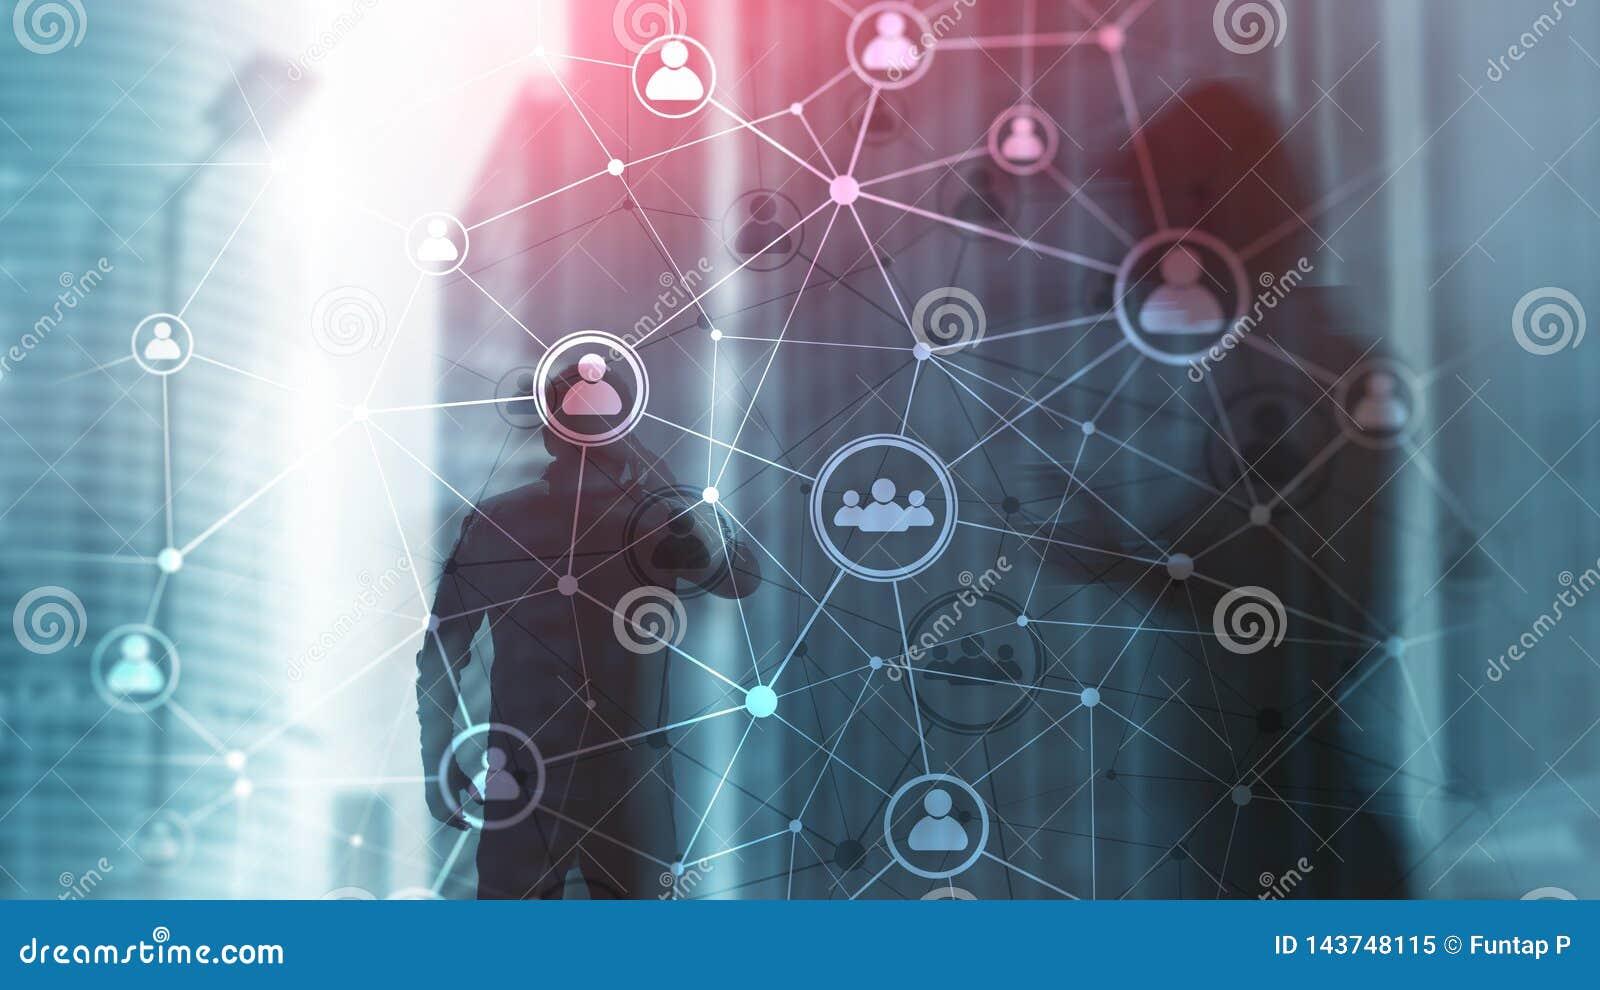 Doppelbelichtungsleute-Netzstruktur Stunde - Personalwesen Management und Einstellungskonzept